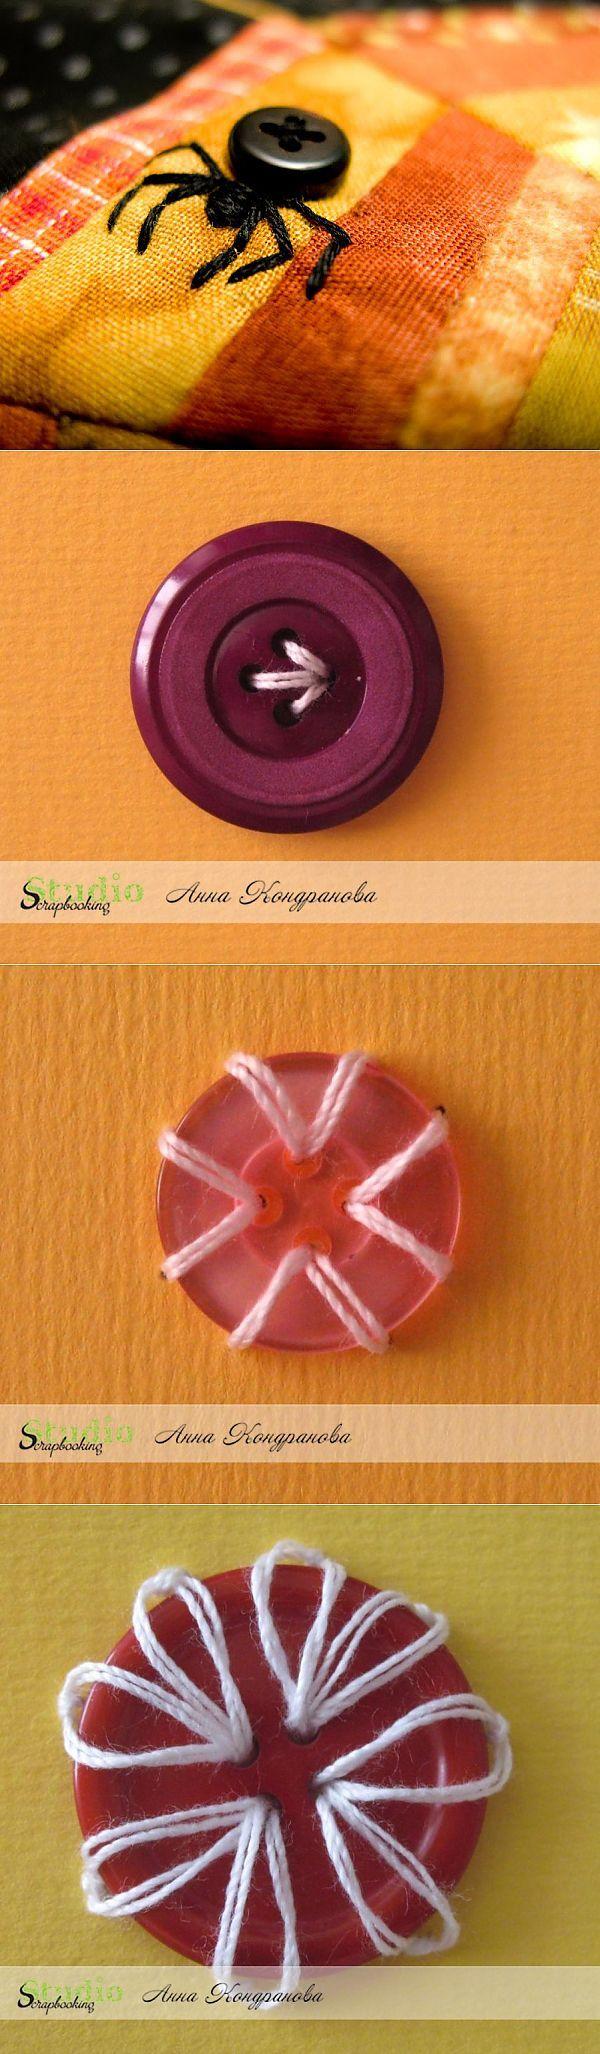 ButtonArtMuseum.com - Новые идеи креативного пришивания пуговиц / Пуговицы / Модный сайт о стильной переделке одежды и интерьер